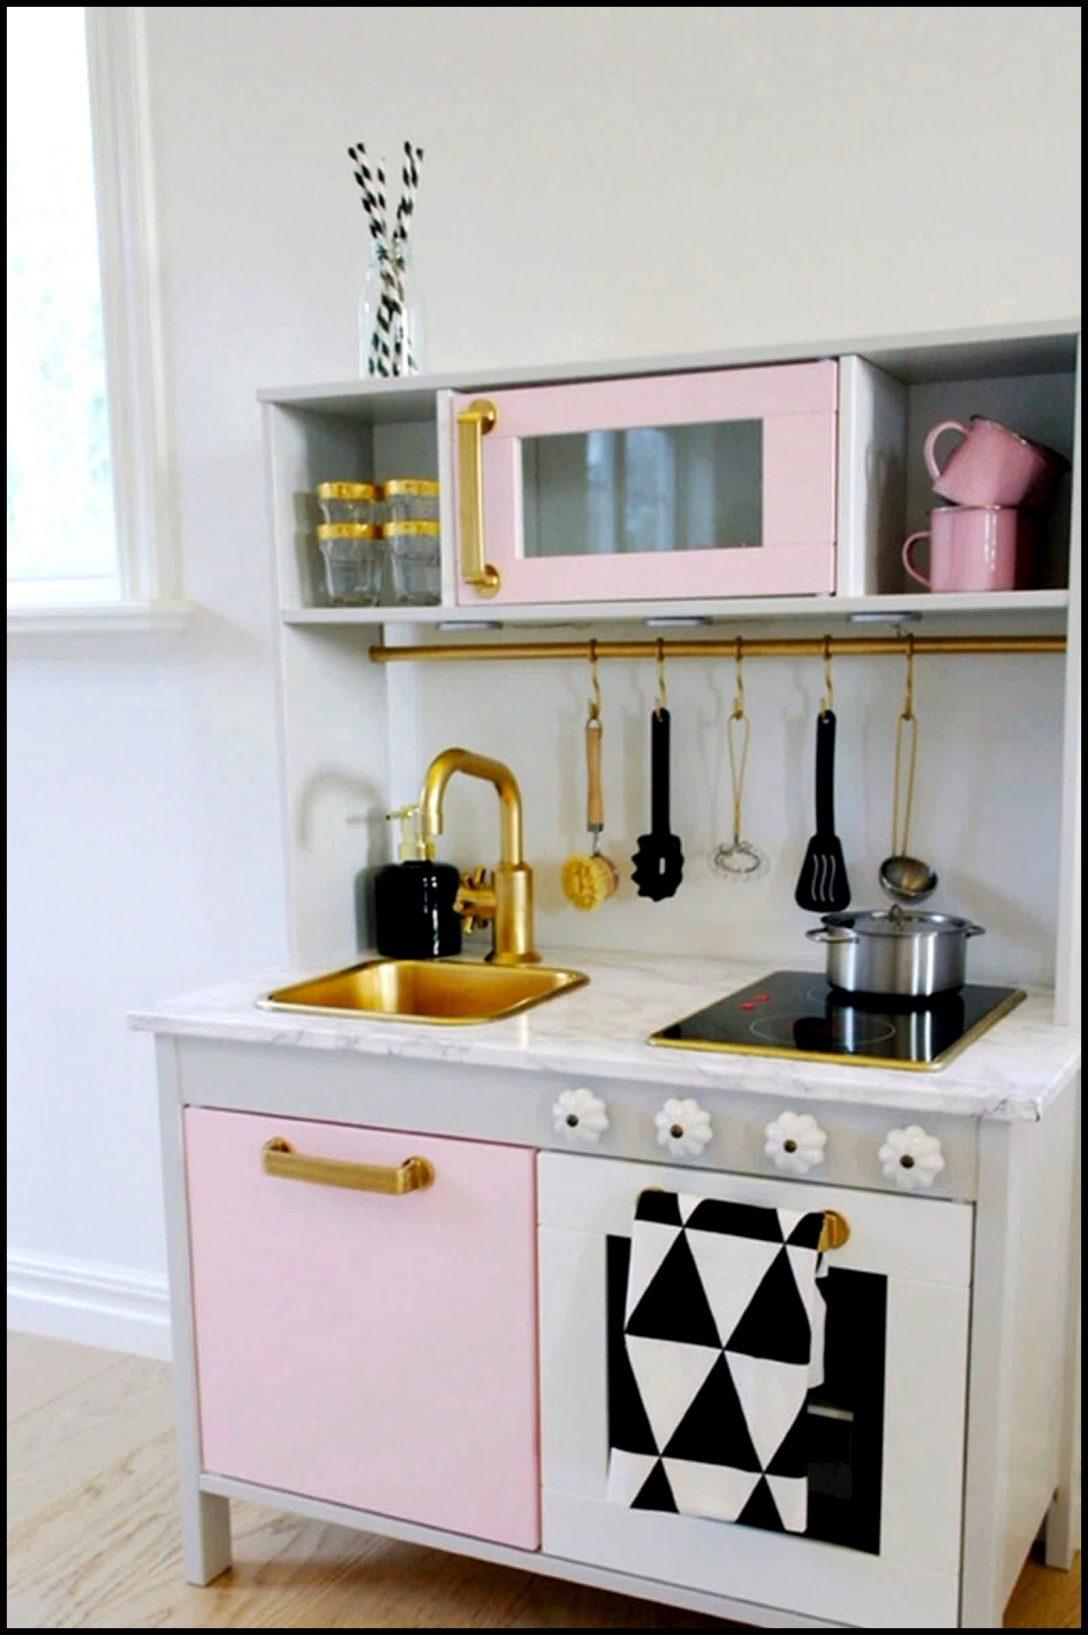 Full Size of Singleküche Ohne Kühlschrank Singleküche Mit Kühlschrank Obi Singleküche Mit Kühlschrank Und Backofen Singleküche Mit Kühlschrank Und Mikrowelle Küche Singleküche Mit Kühlschrank